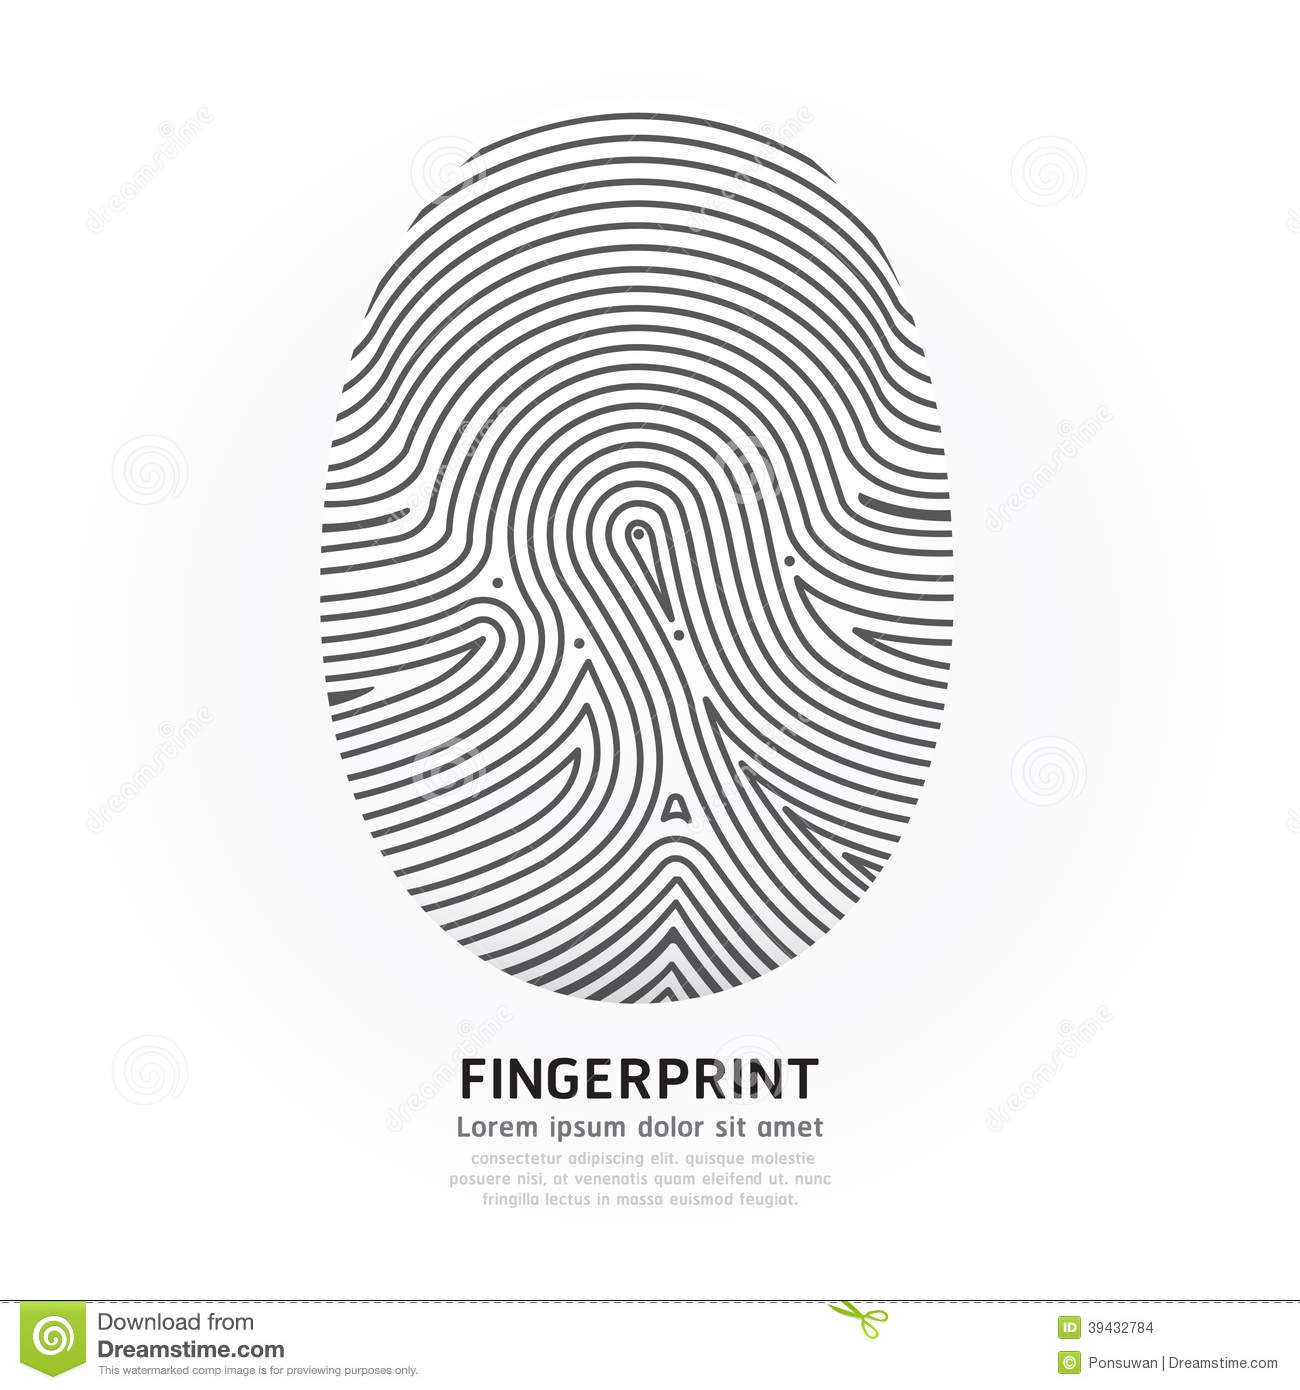 Fingerprint coloring #13, Download drawings